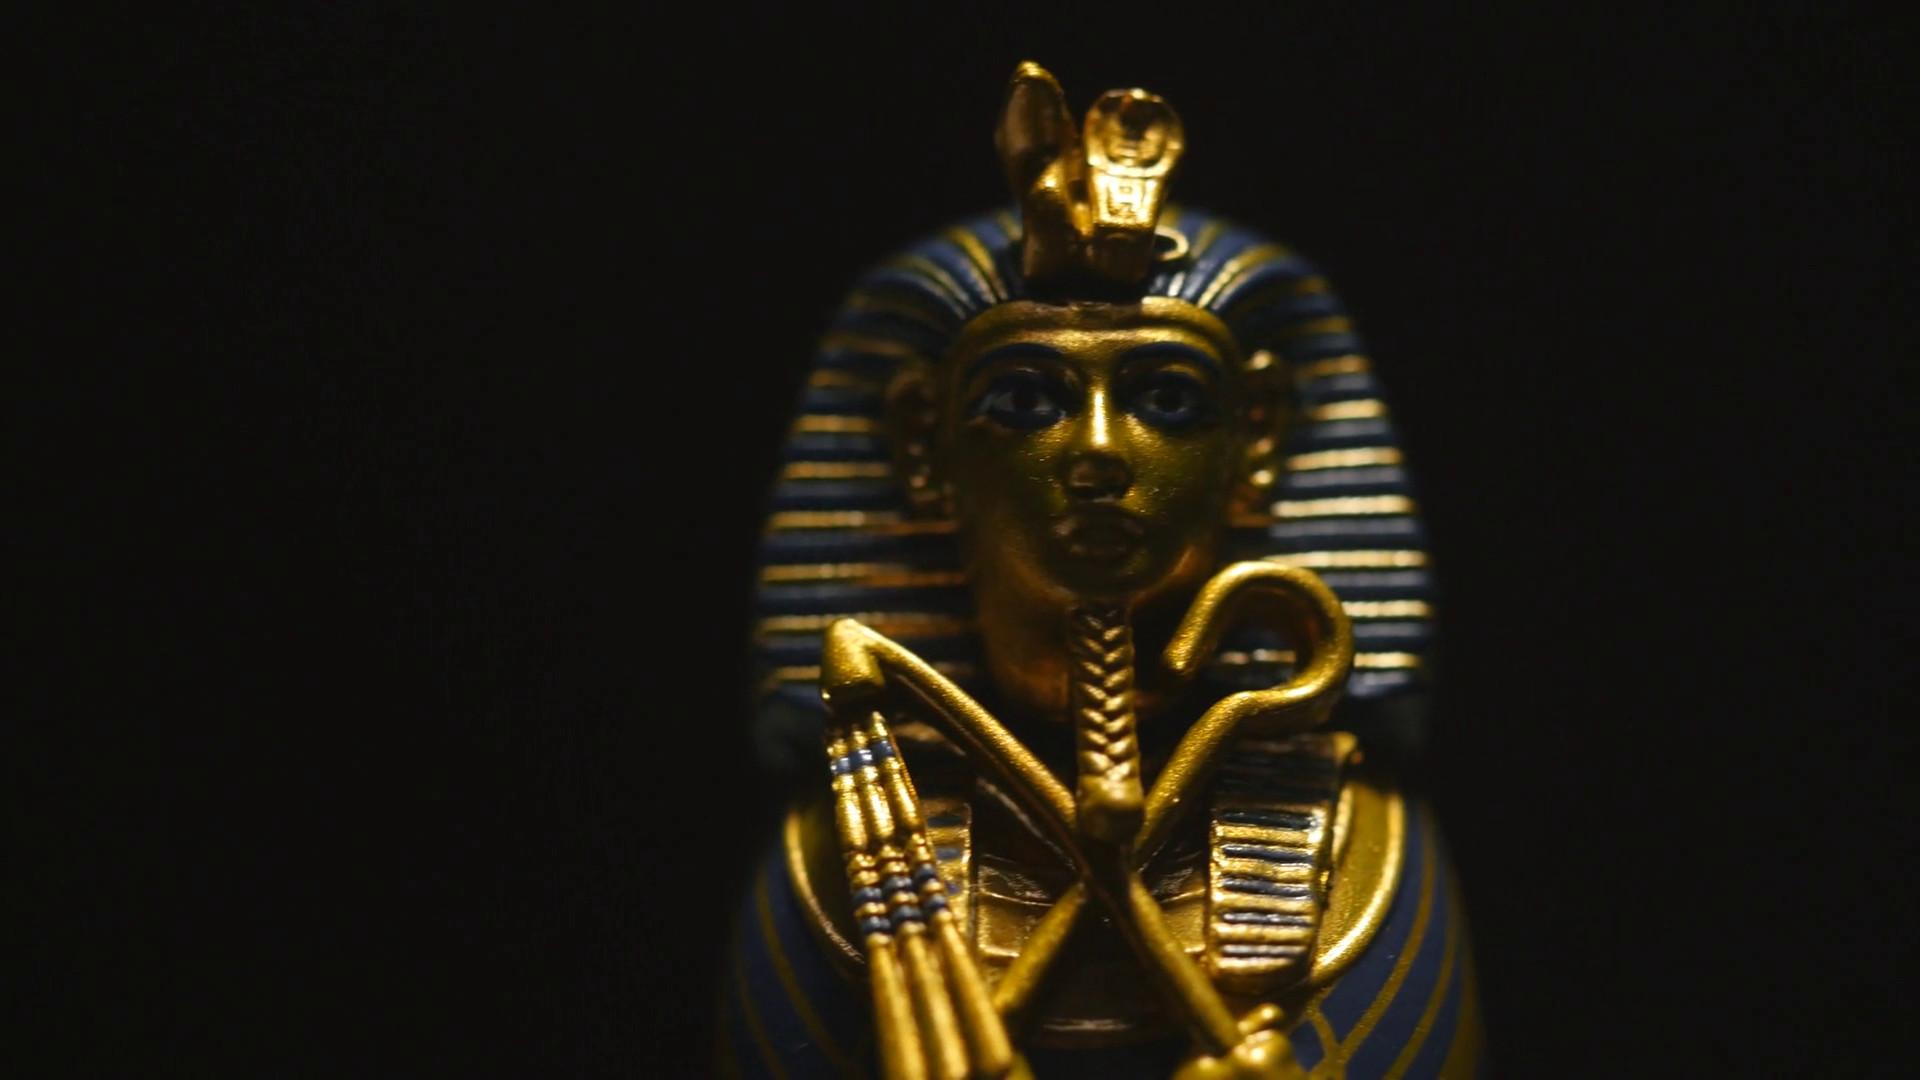 Egyptian Pharaoh Wallpaper 56 Images